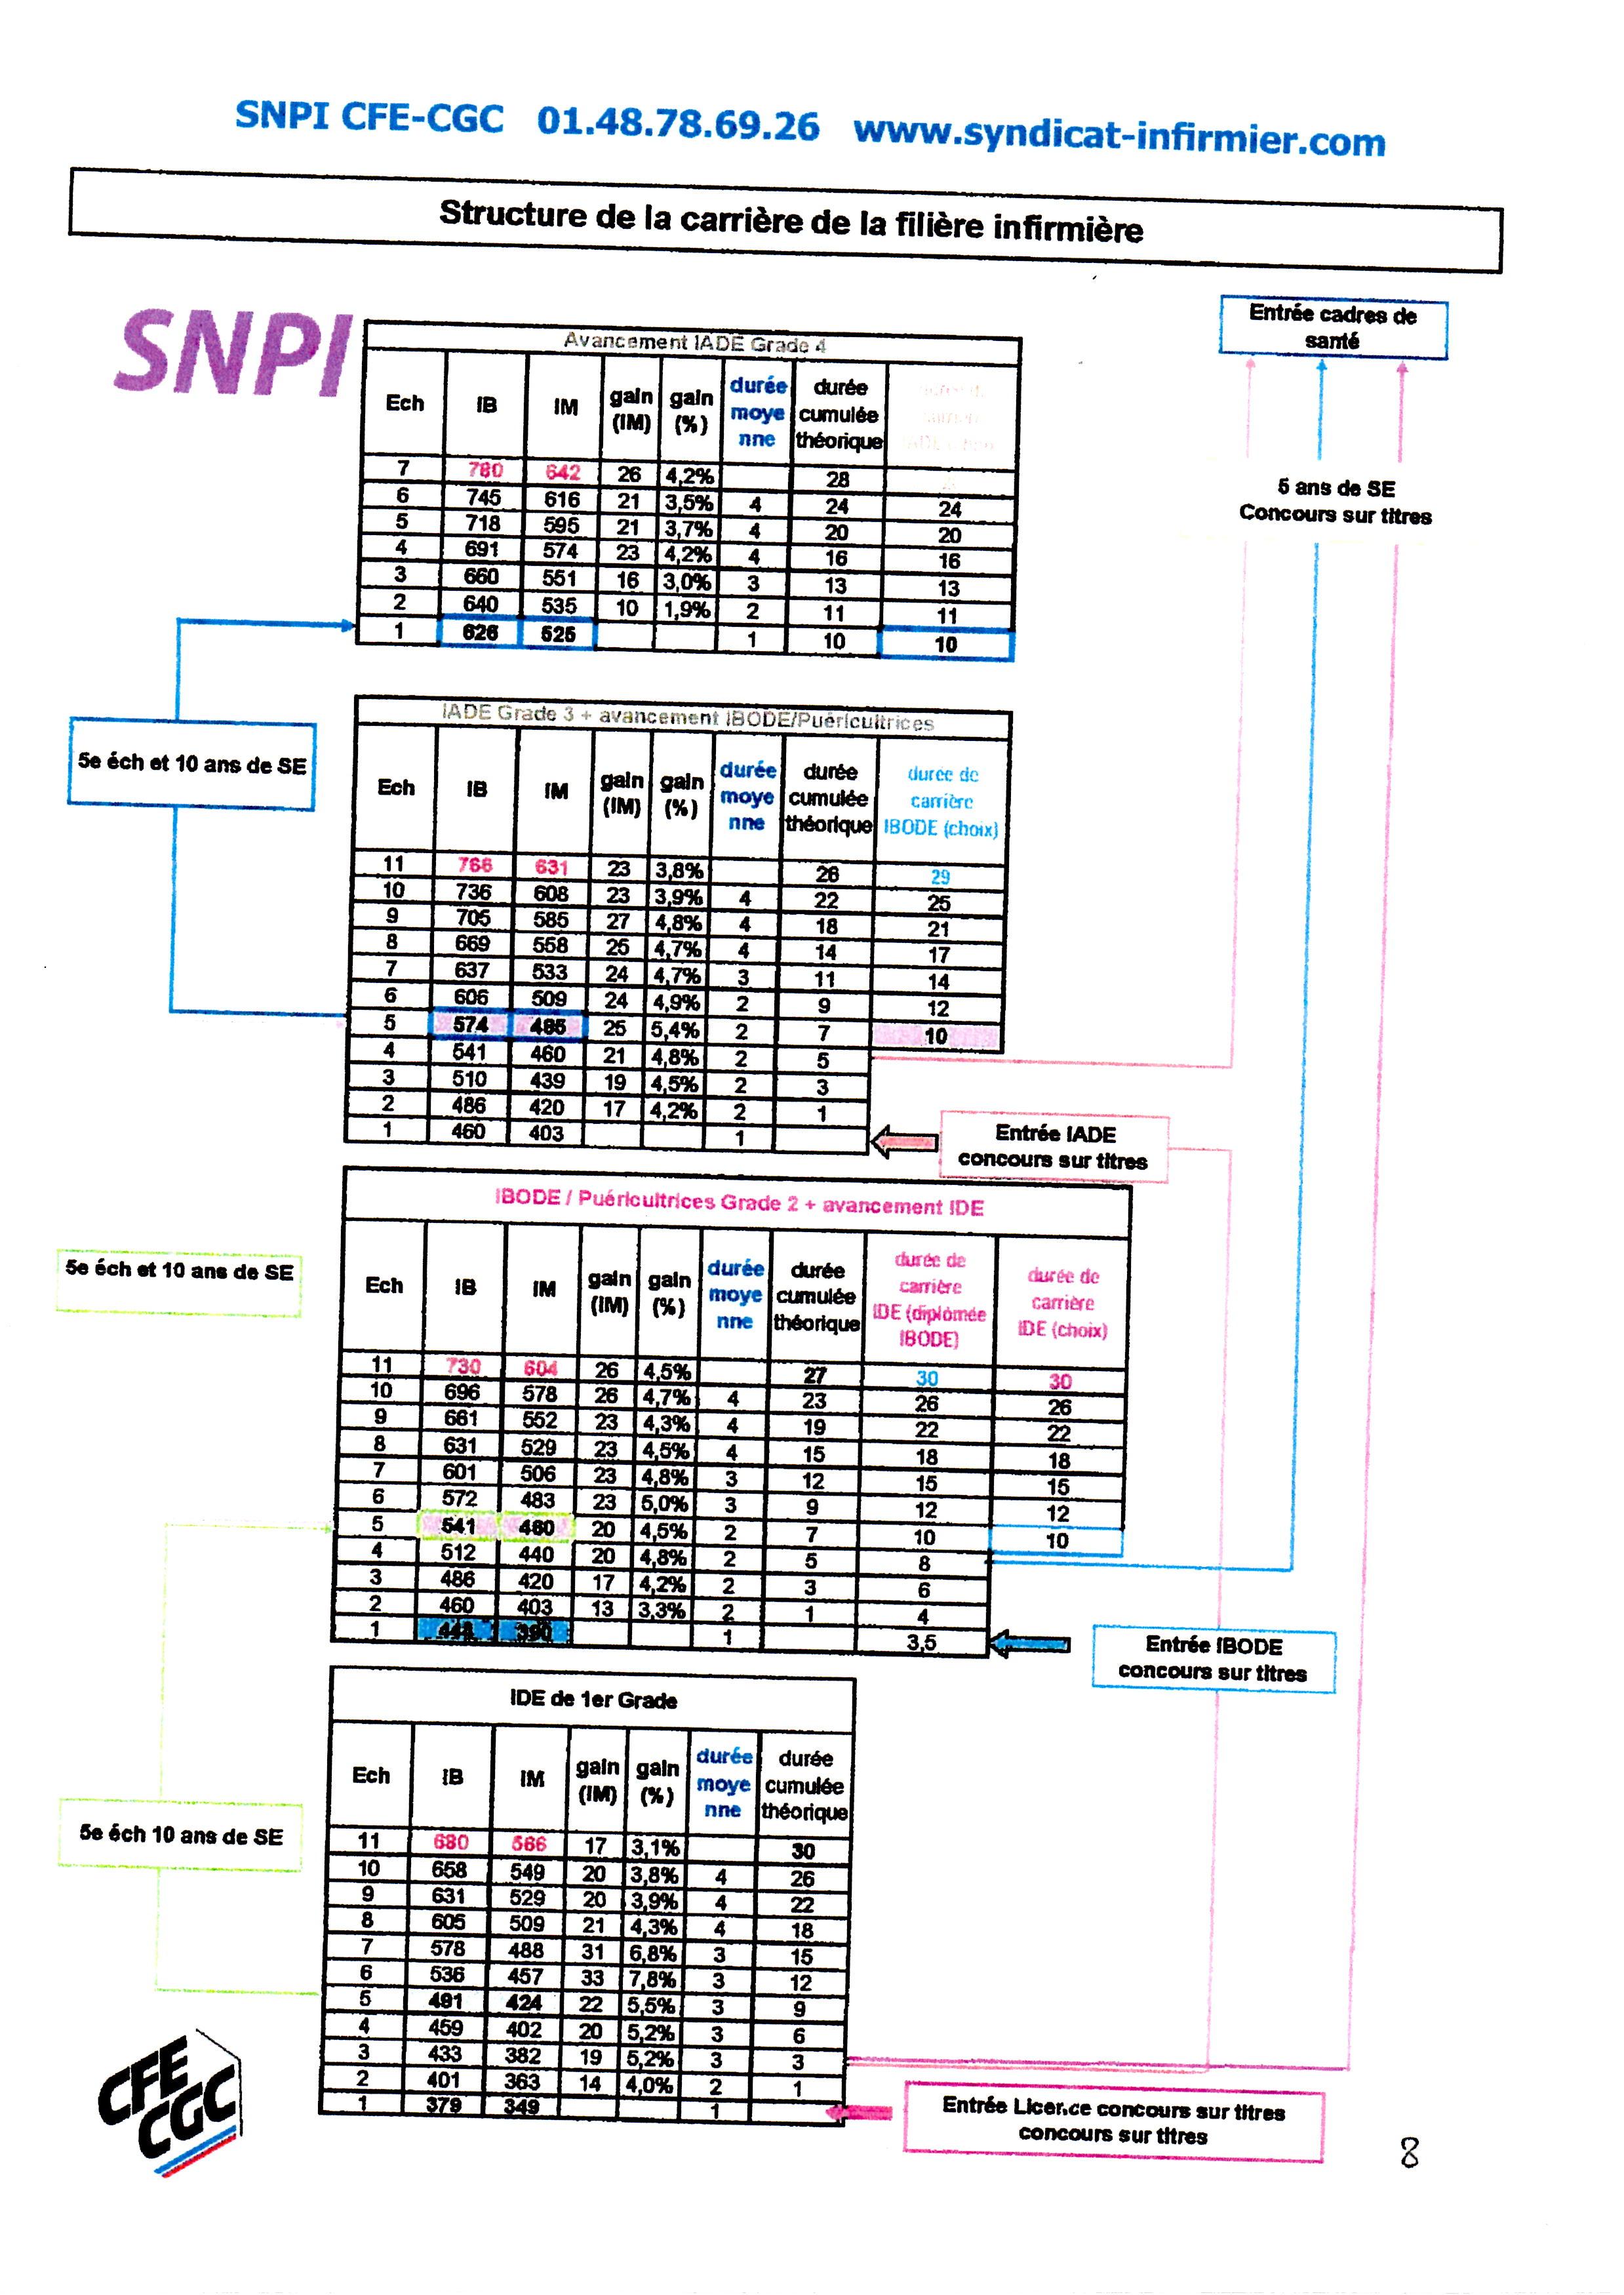 Salaire infirmi re cat gorie a en fph depuis juillet 2012 - Grille remuneration fonction publique ...